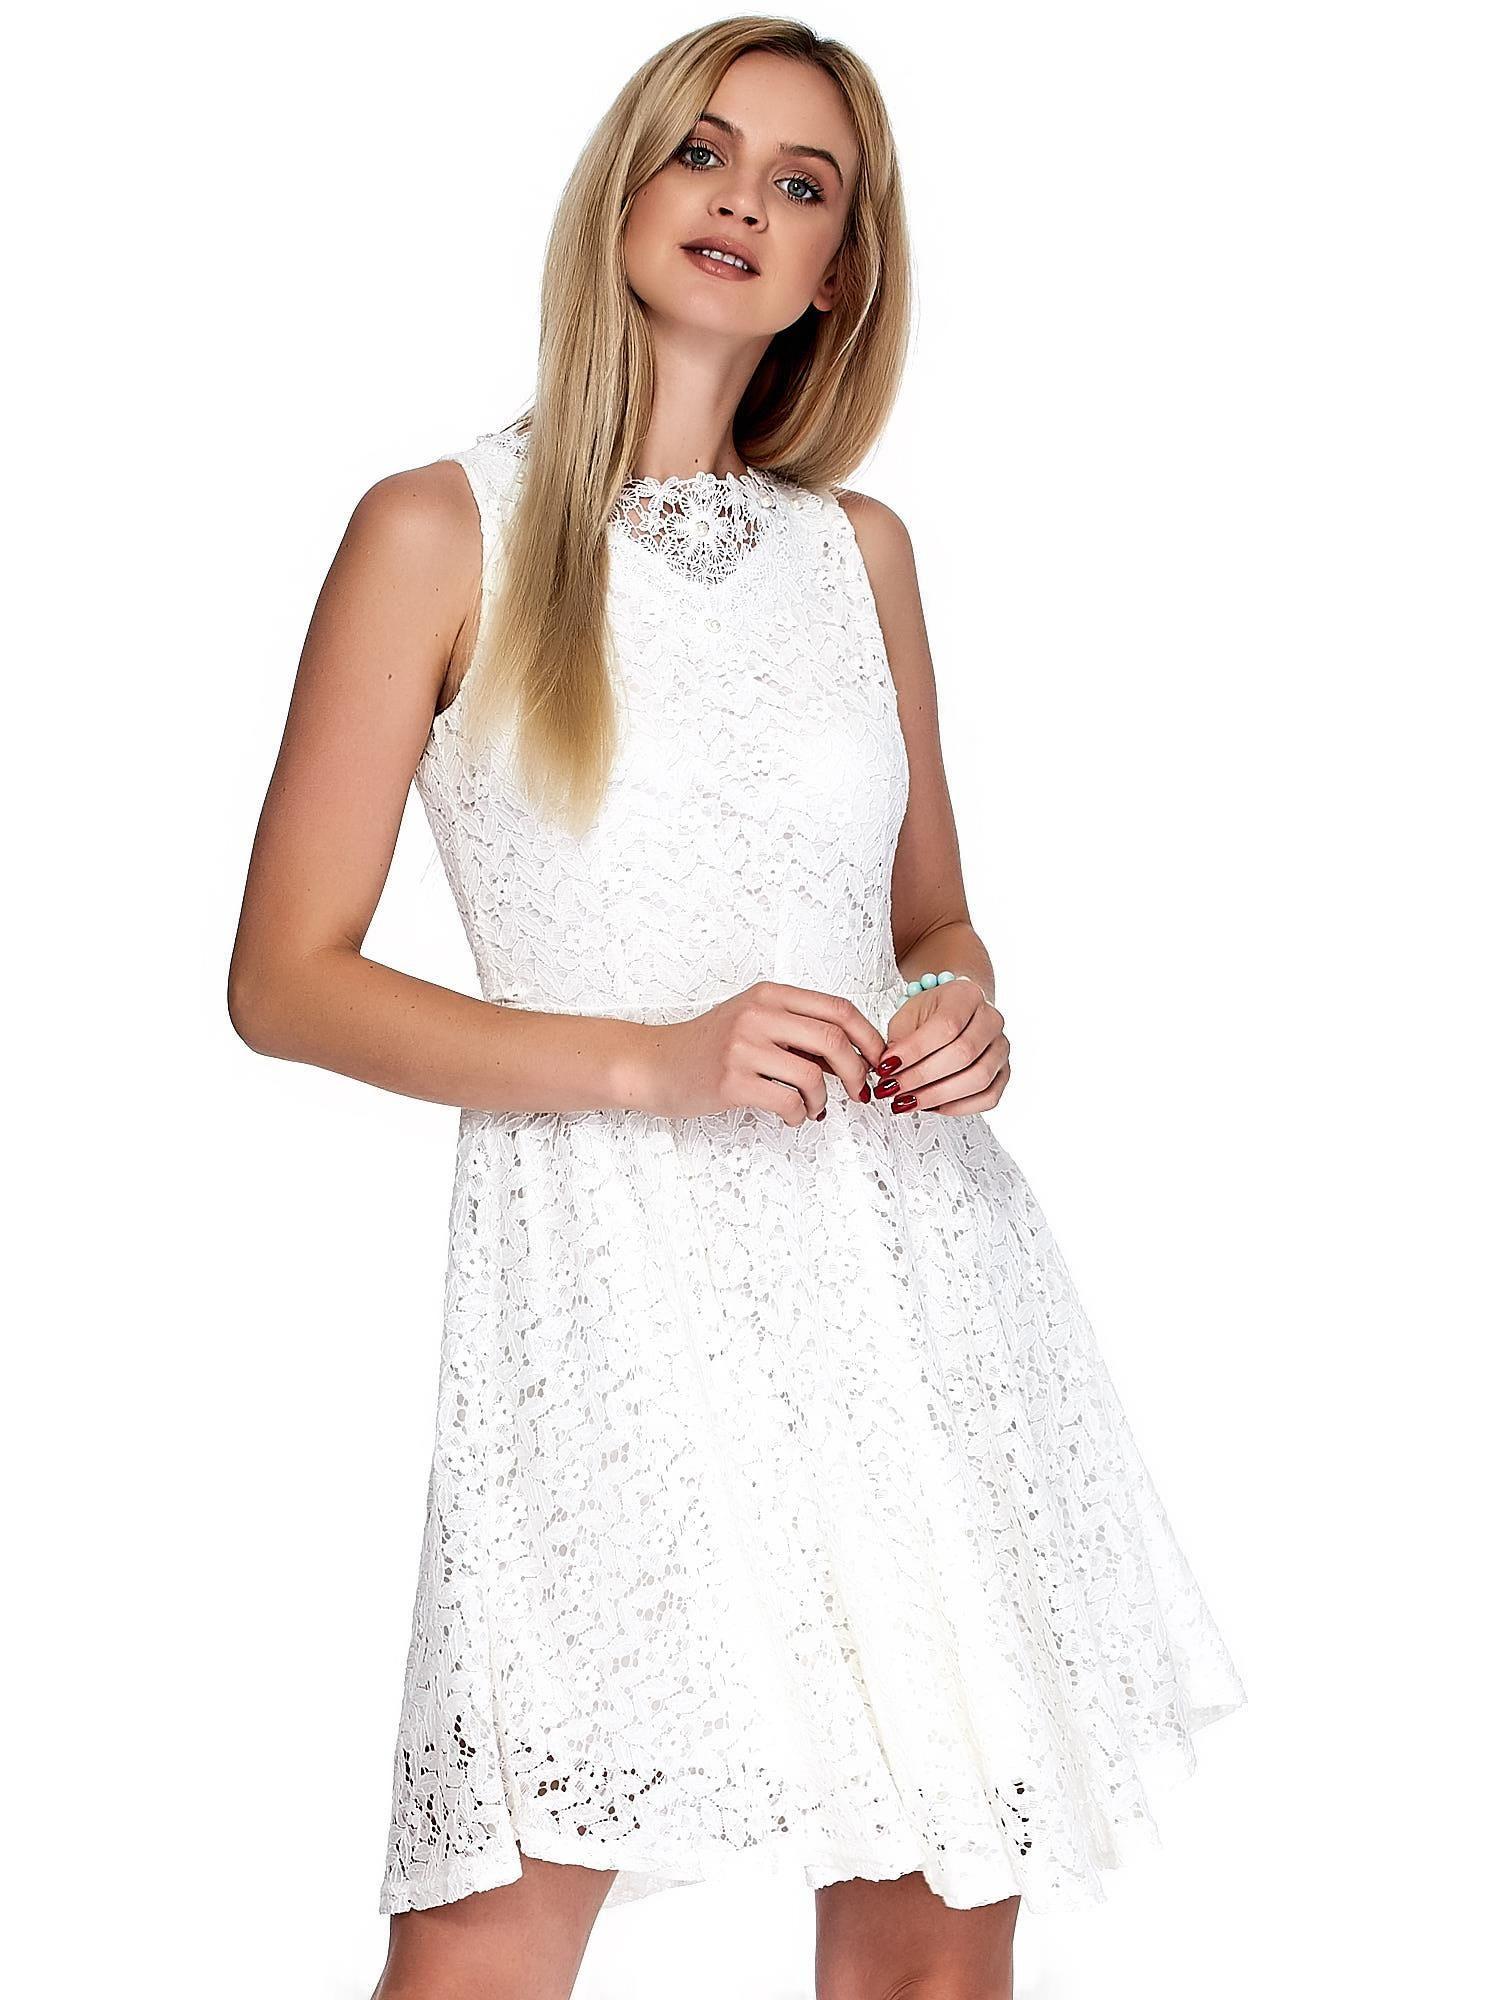 07d7fa935b 2 · Biała koronkowa sukienka z perełkami i ozdobnym dekoltem z tyłu ...